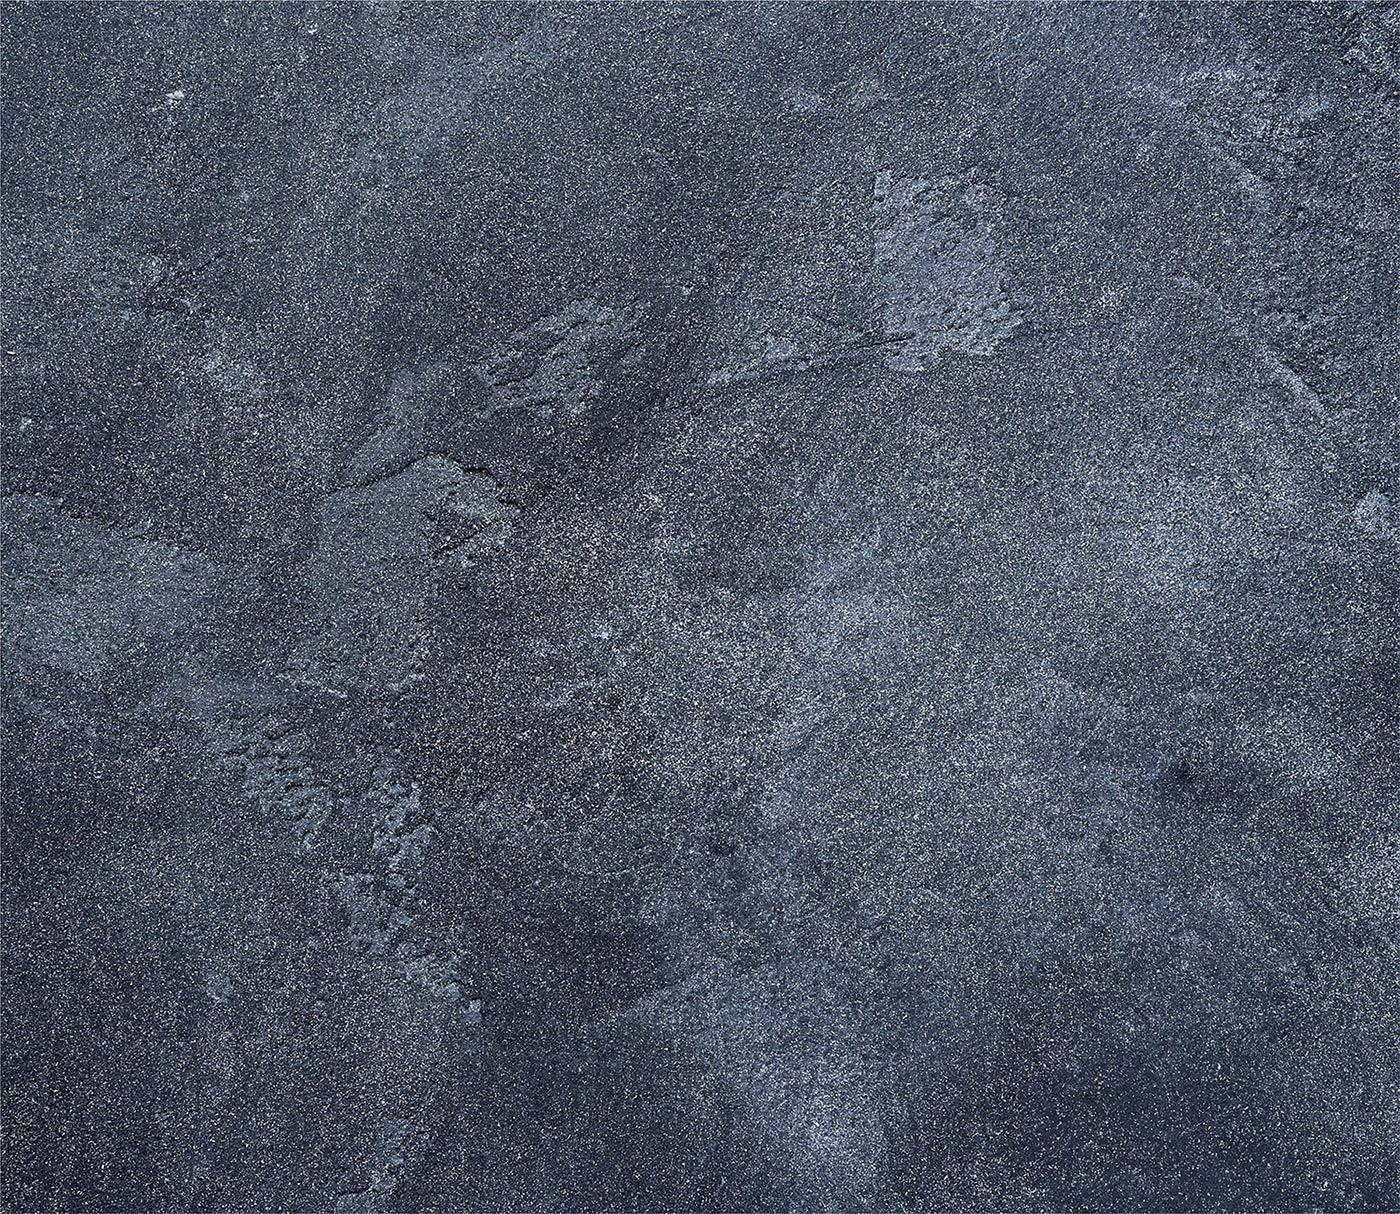 QTA Herdabdeckplatte 60x52 Einteilig Glas Elektroherd Induktion Herdschutz Spritzschutz Glasplatte Schneidebrett Schiefer